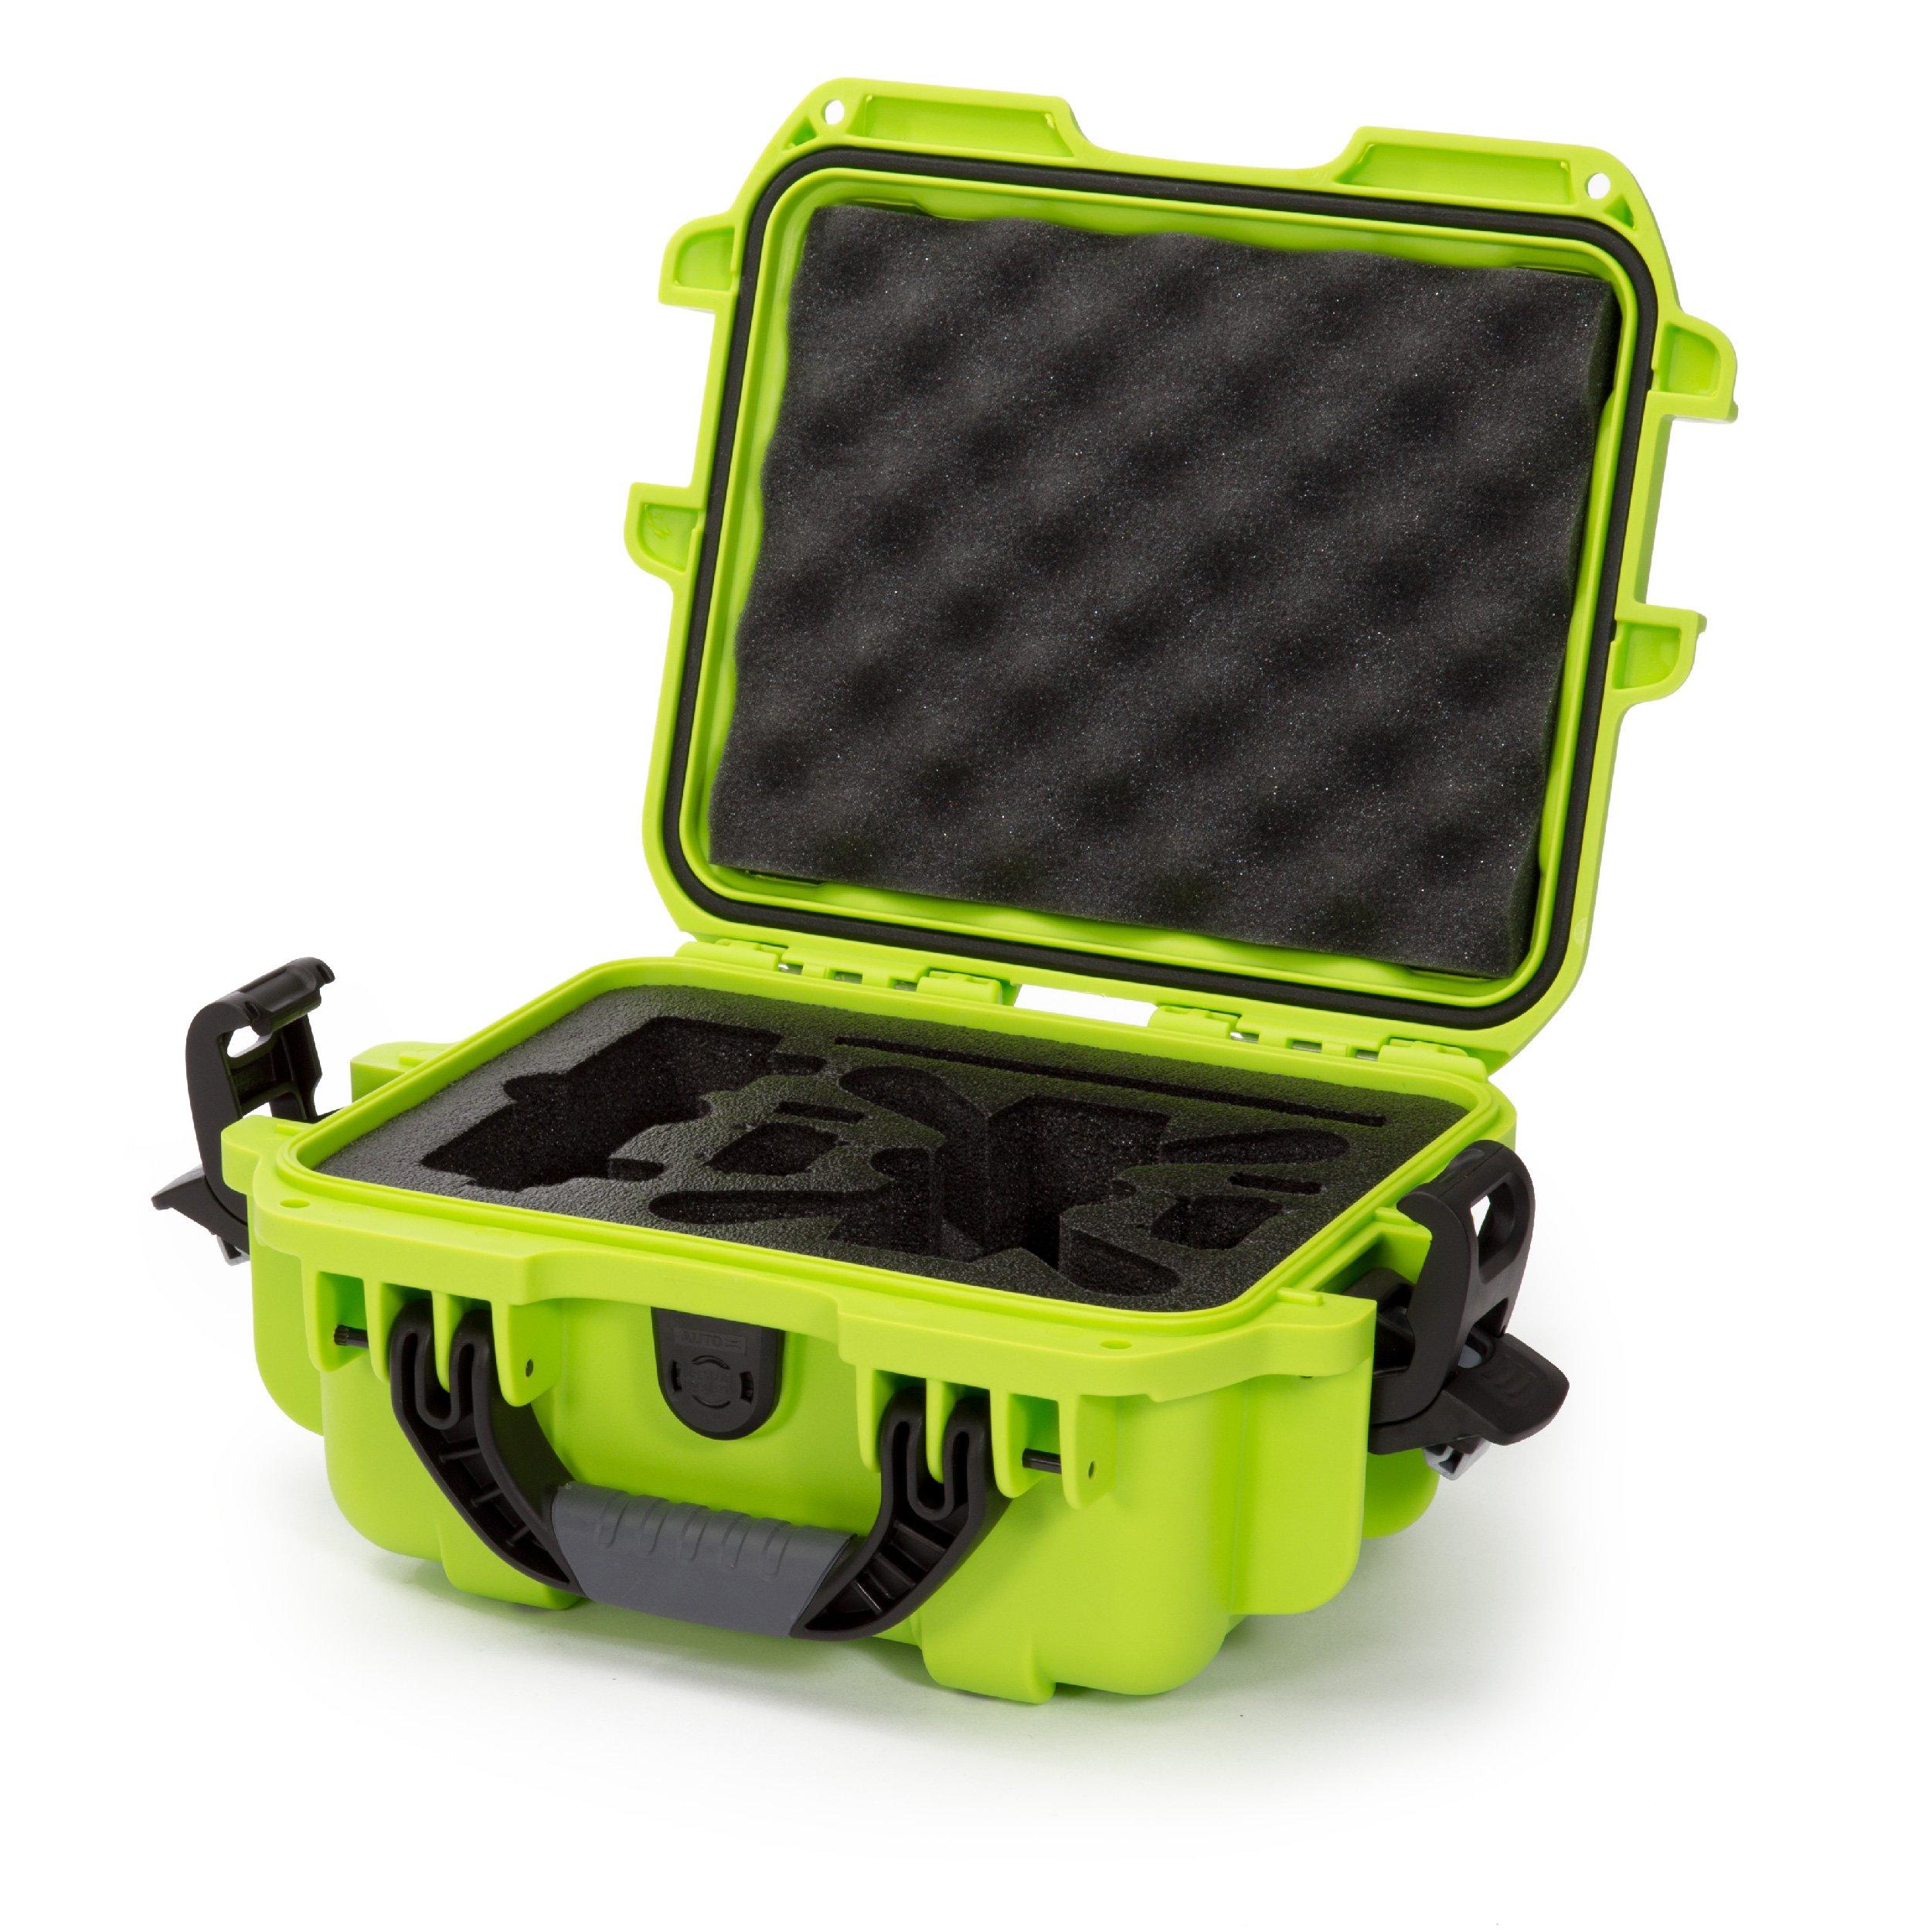 Nanuk 905 Waterproof Hard Drone Case with Custom Foam Insert for DJI Spark – Lime